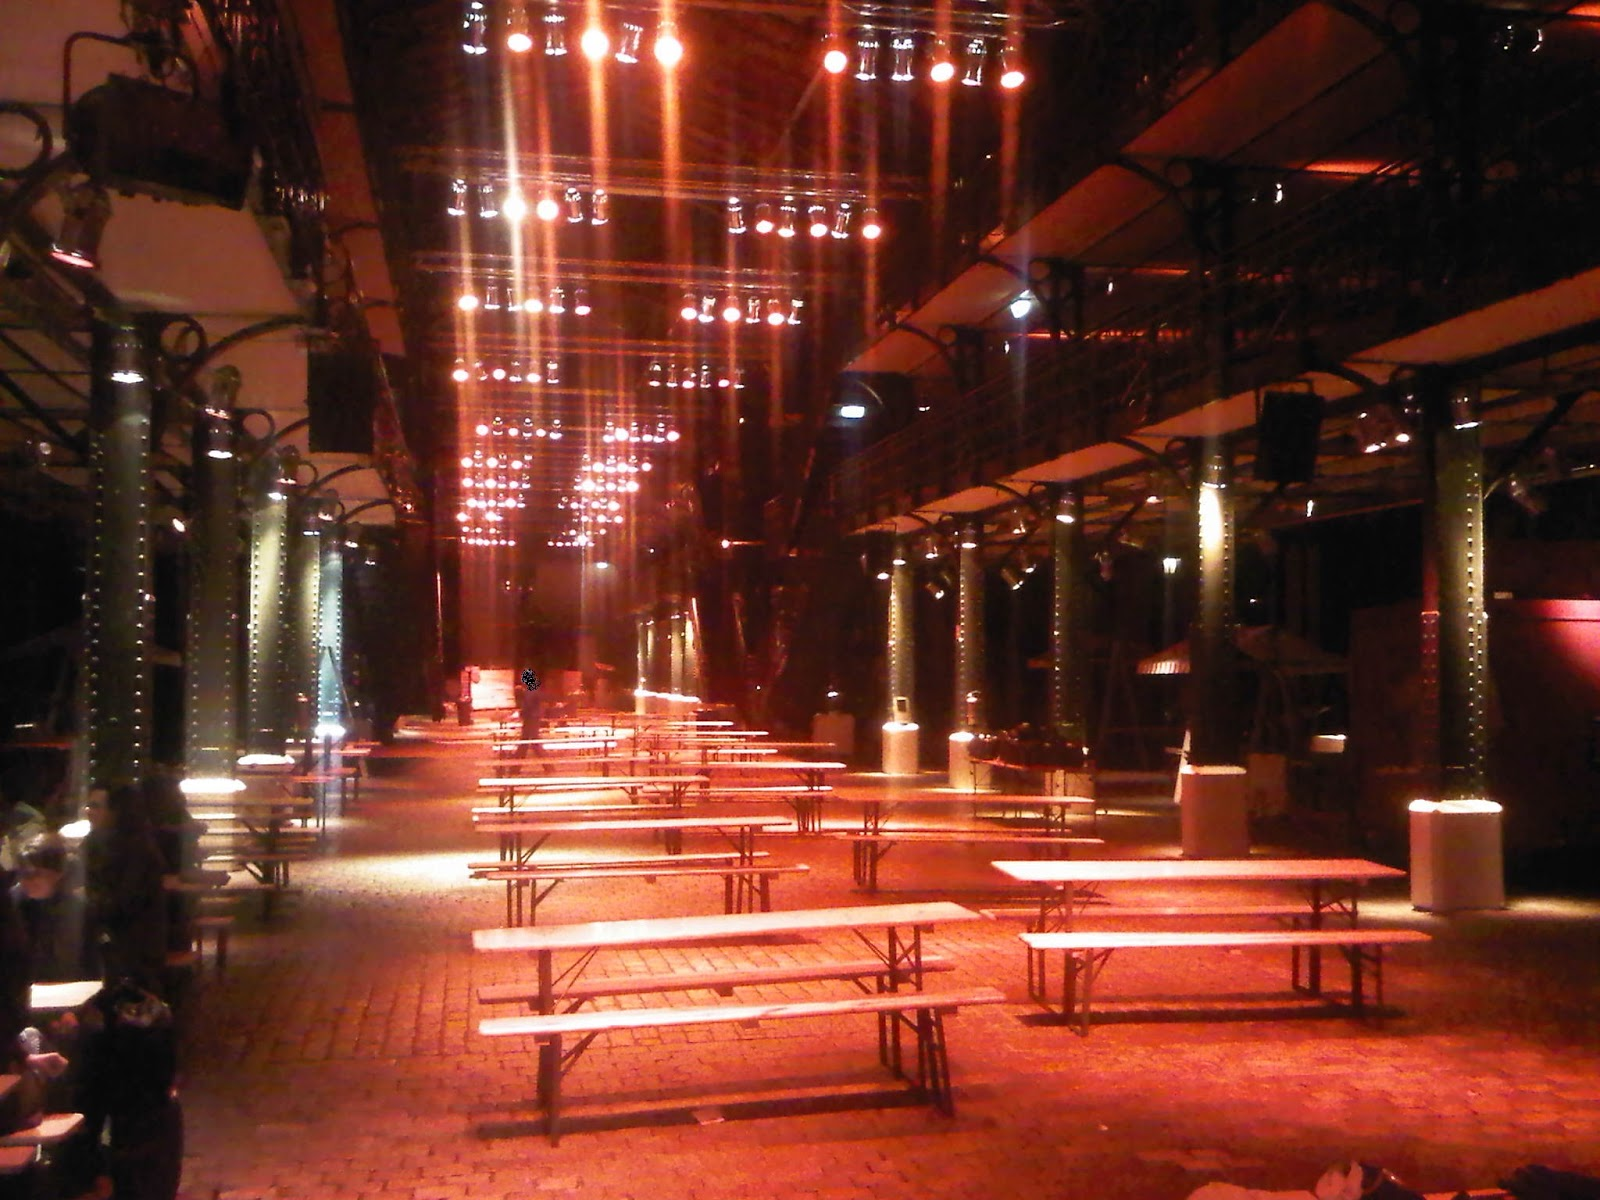 Fischauktionshalle bei Nacht - Hafen Hamburg